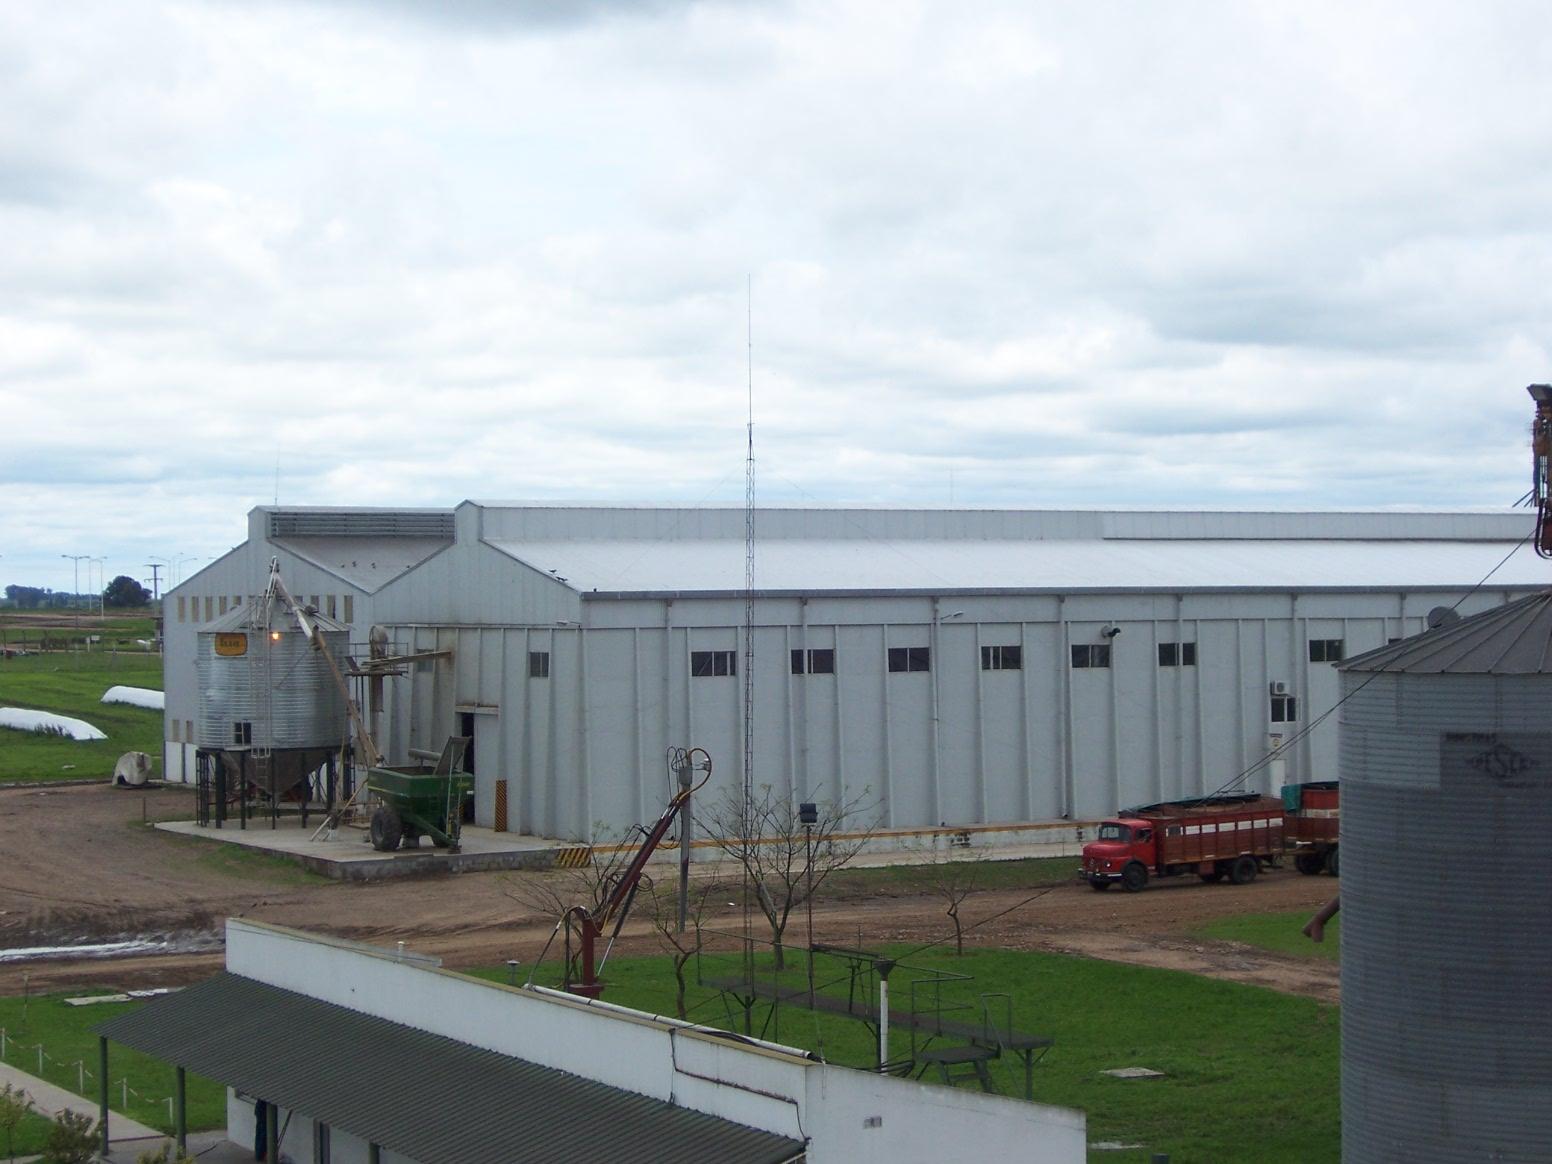 Centro de procesamiento y distribución